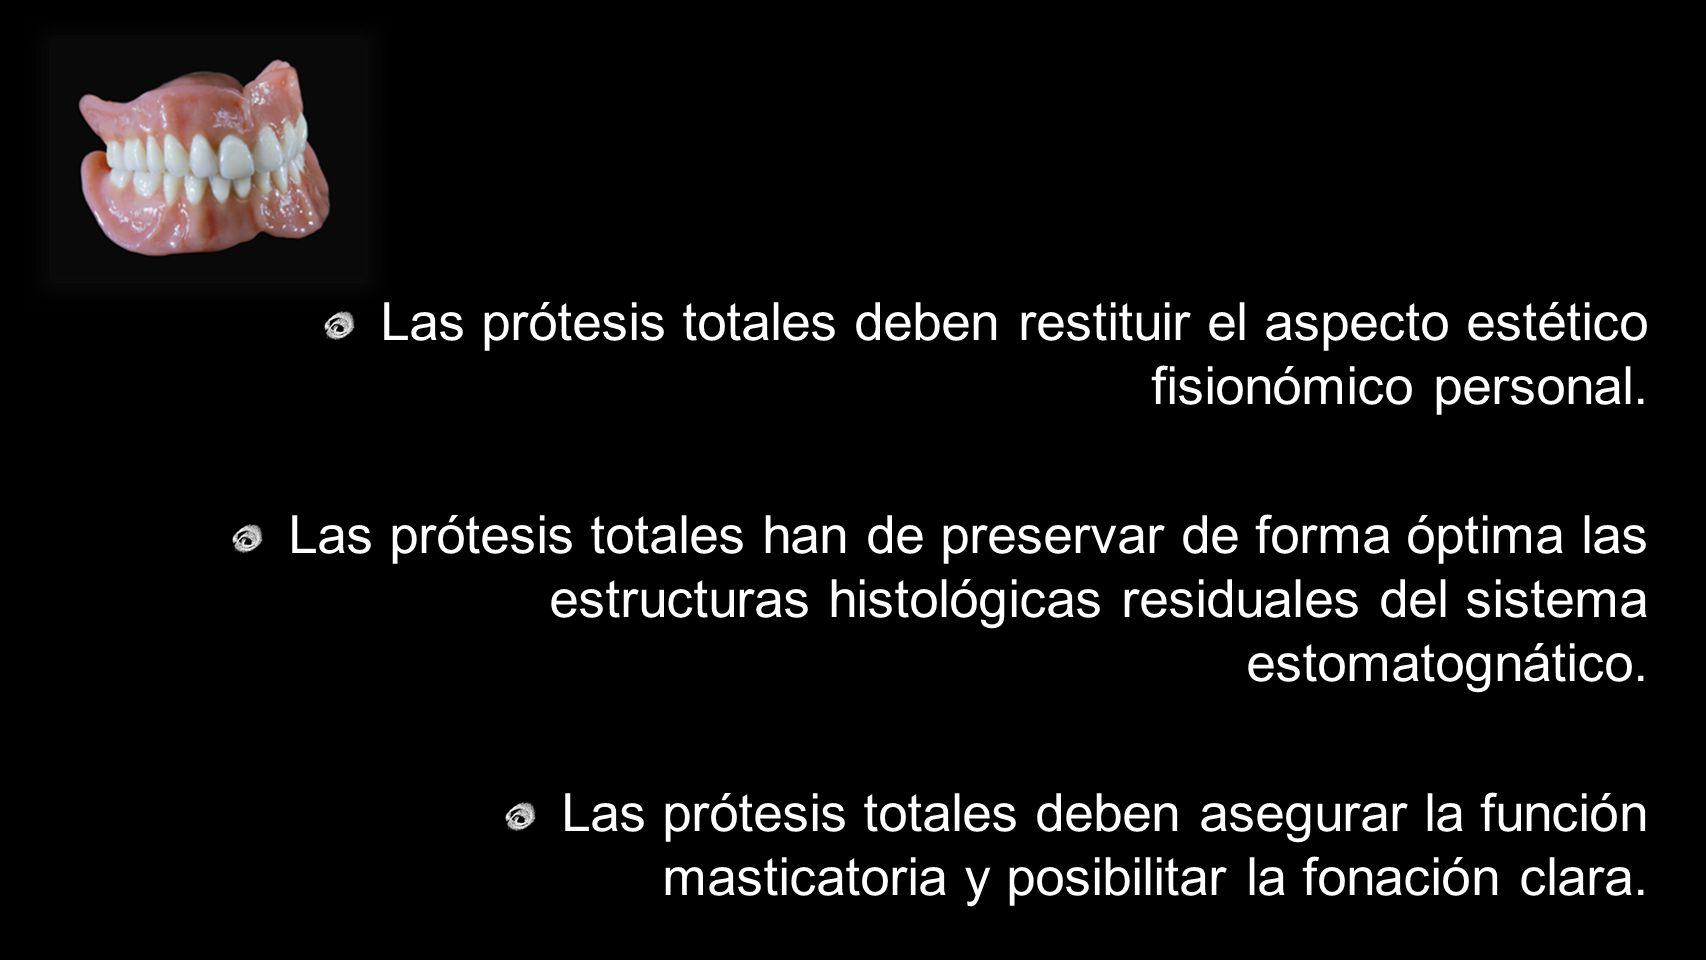 Las prótesis totales deben restituir el aspecto estético fisionómico personal.